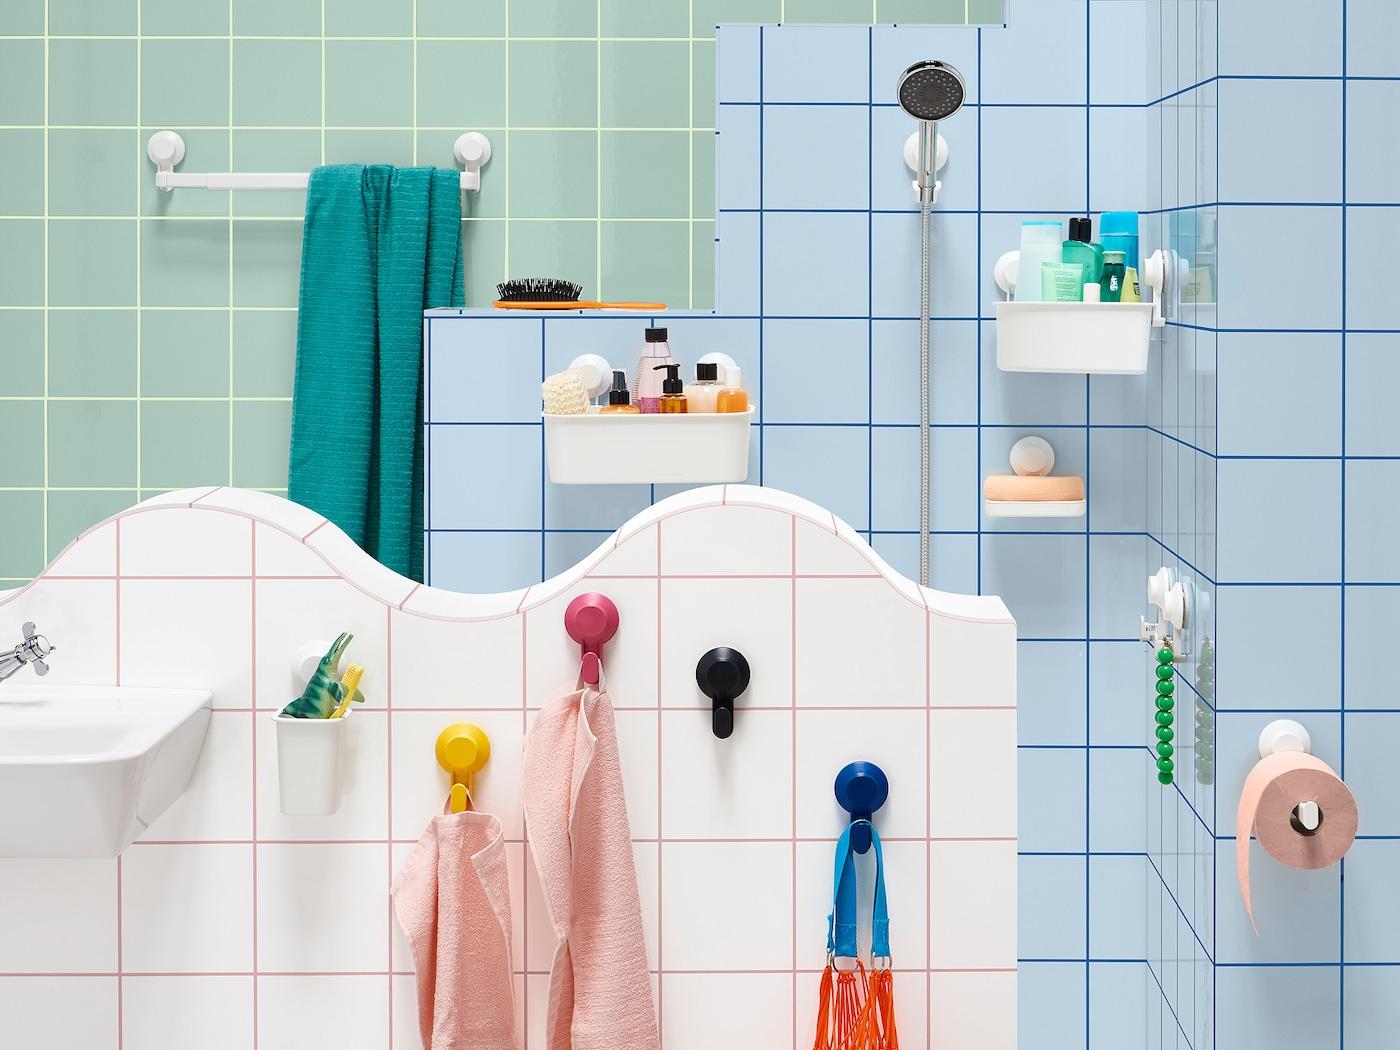 Стіна з плиткою з TISKEN ТІСКЕН серією аксесуарів для ванної кімнати на присосках: гачки, кошики, підставки для зубних щіток і тримачі туалетного паперу.